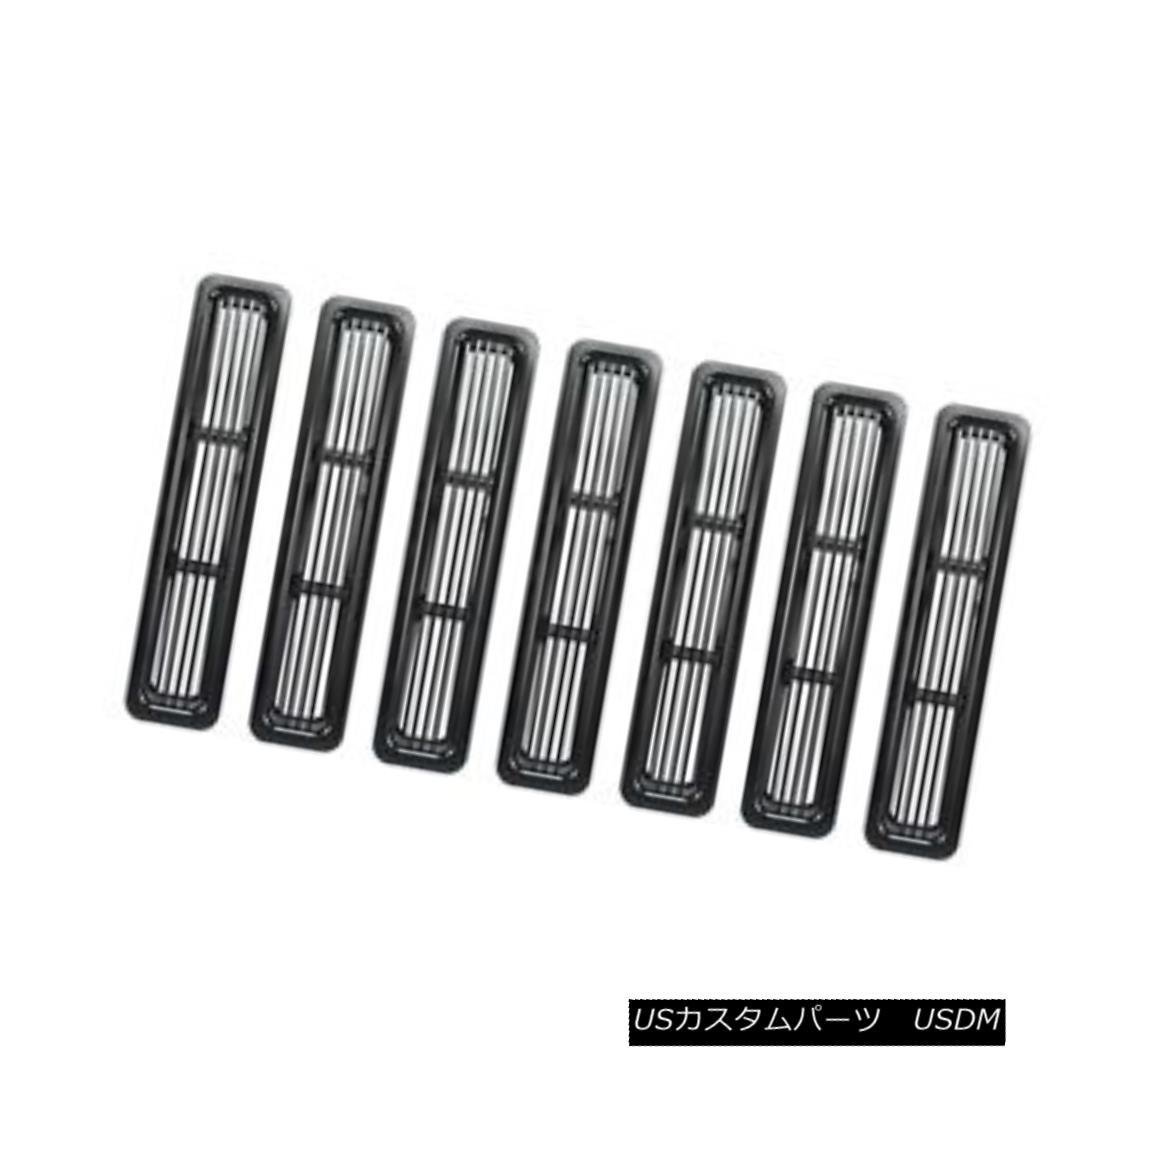 グリル Billet Grille Inserts, Black; 97-06 Jeep Wrangler TJ ビレットグリルインサート、黒; 97-06ジープ・ラングラーTJ